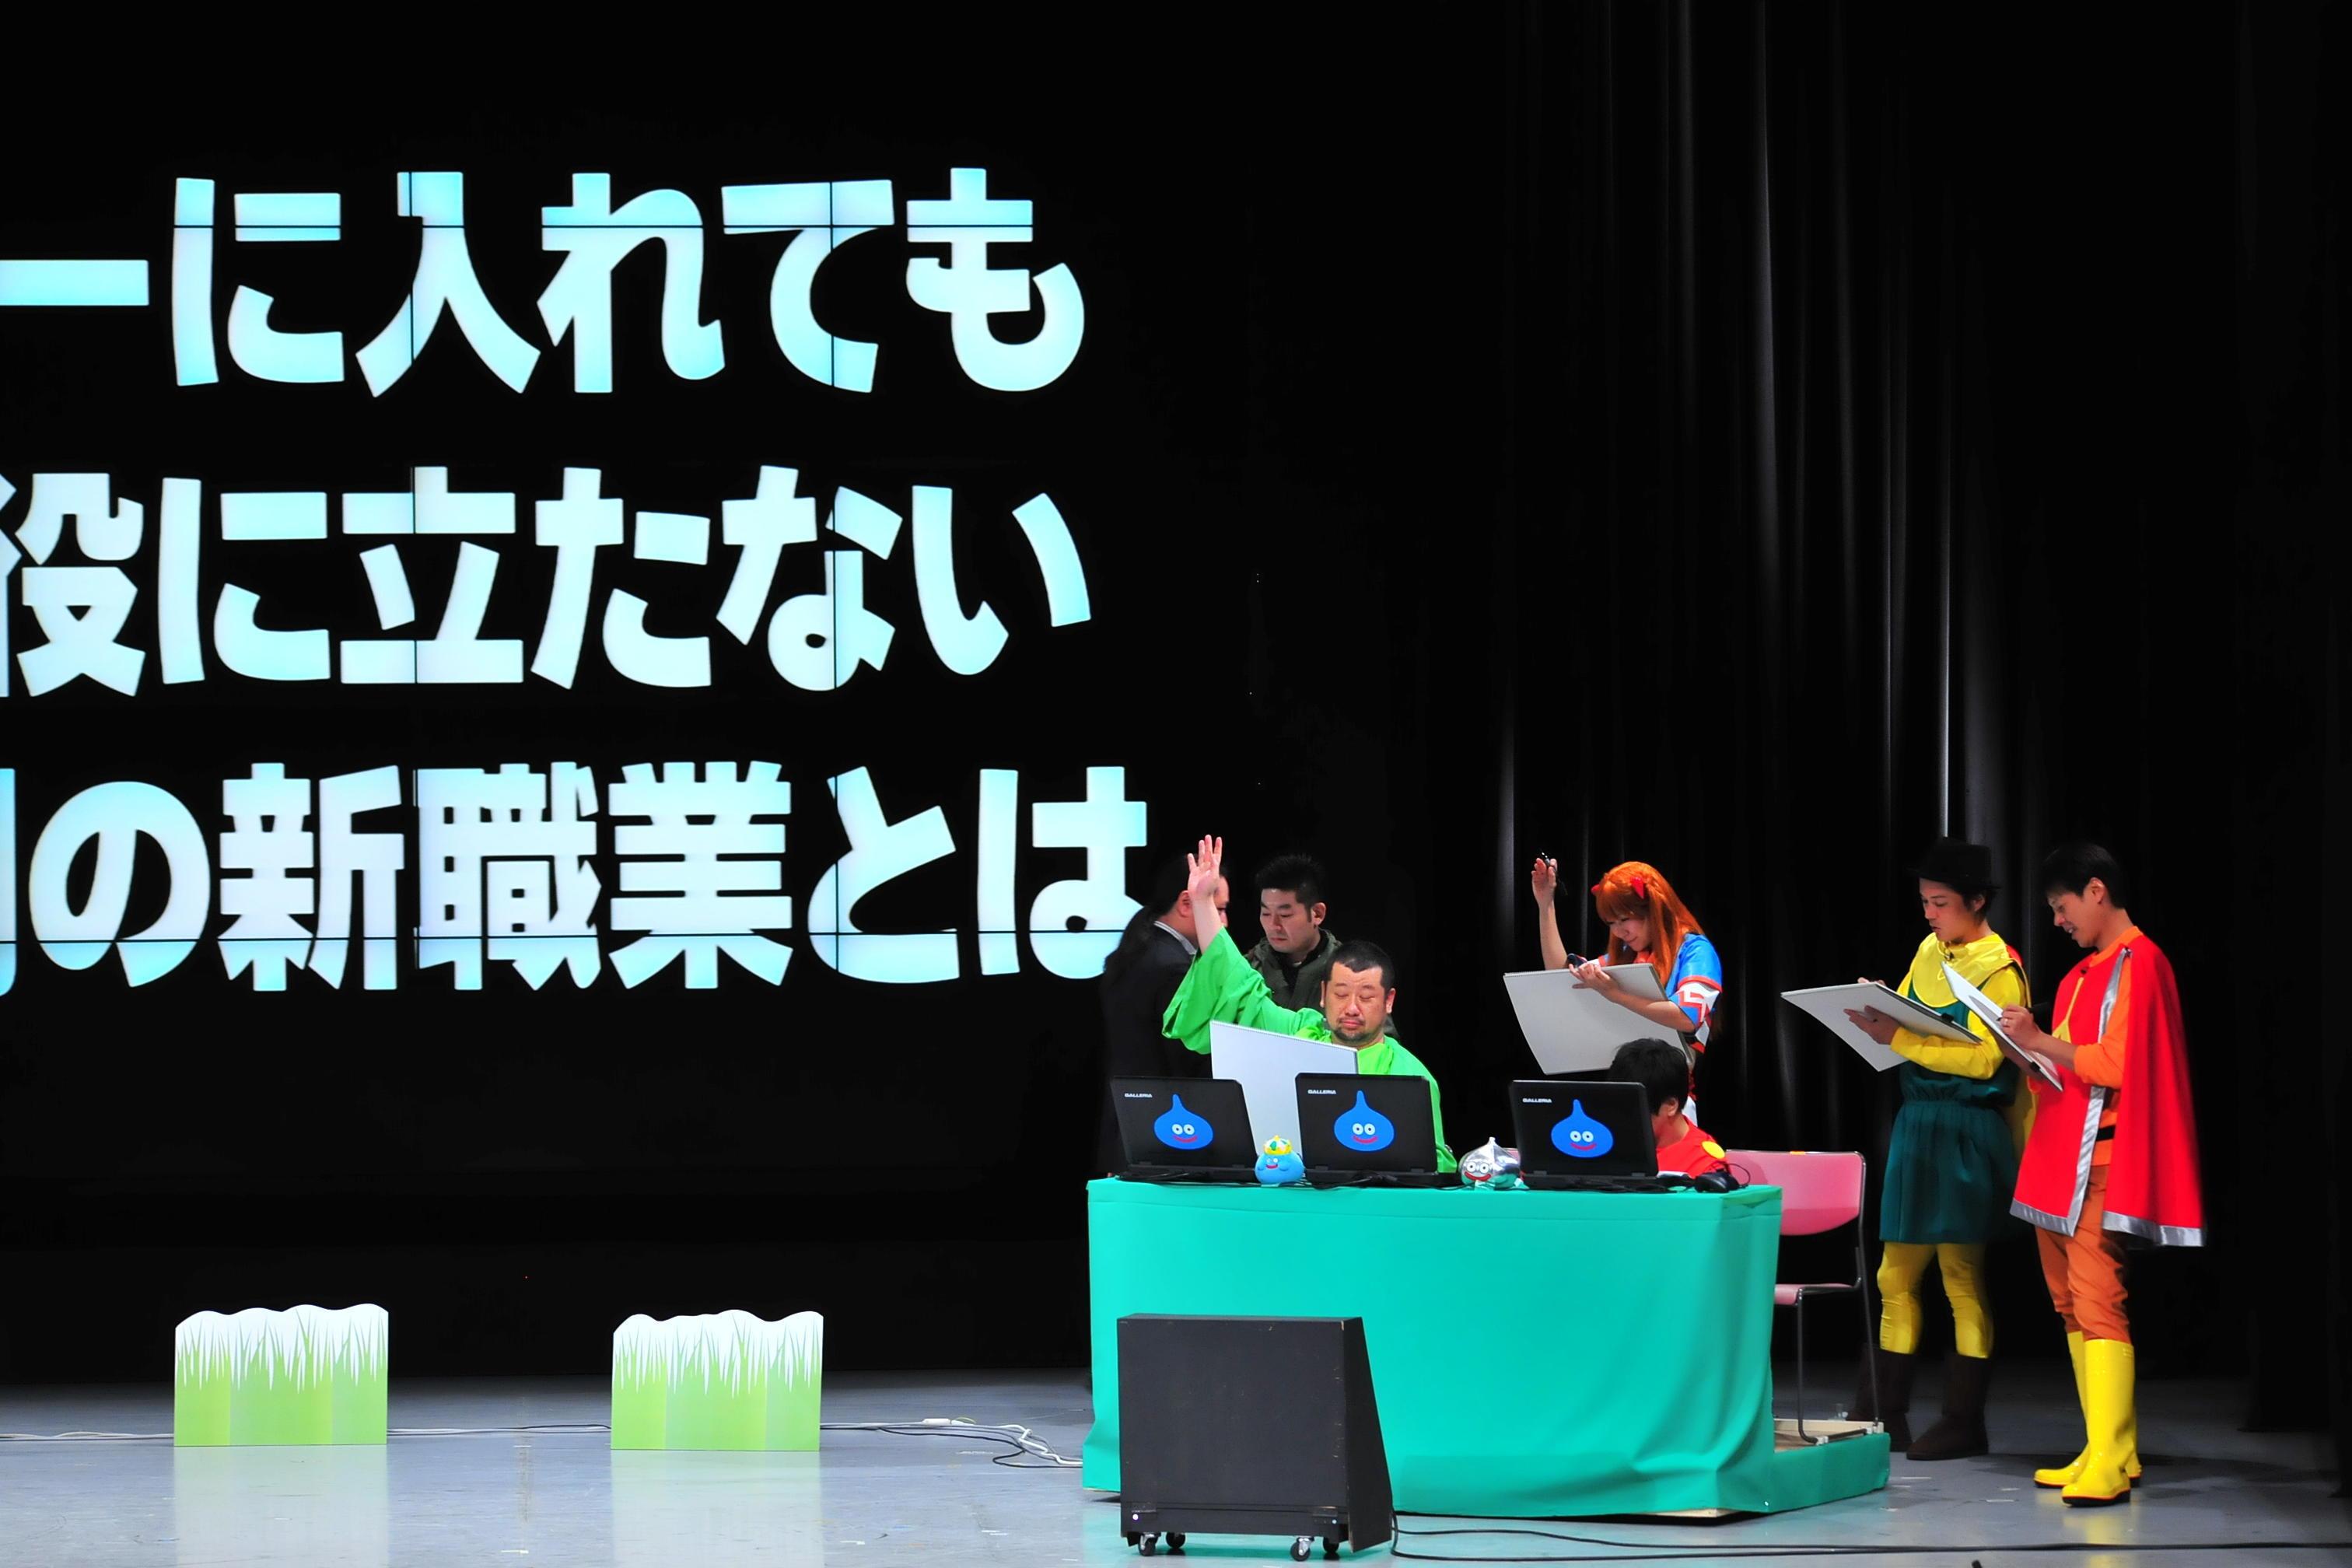 http://news.yoshimoto.co.jp/20160613100619-70d9ee48f840ff5599f1710dbb3390870f87b51e.jpg